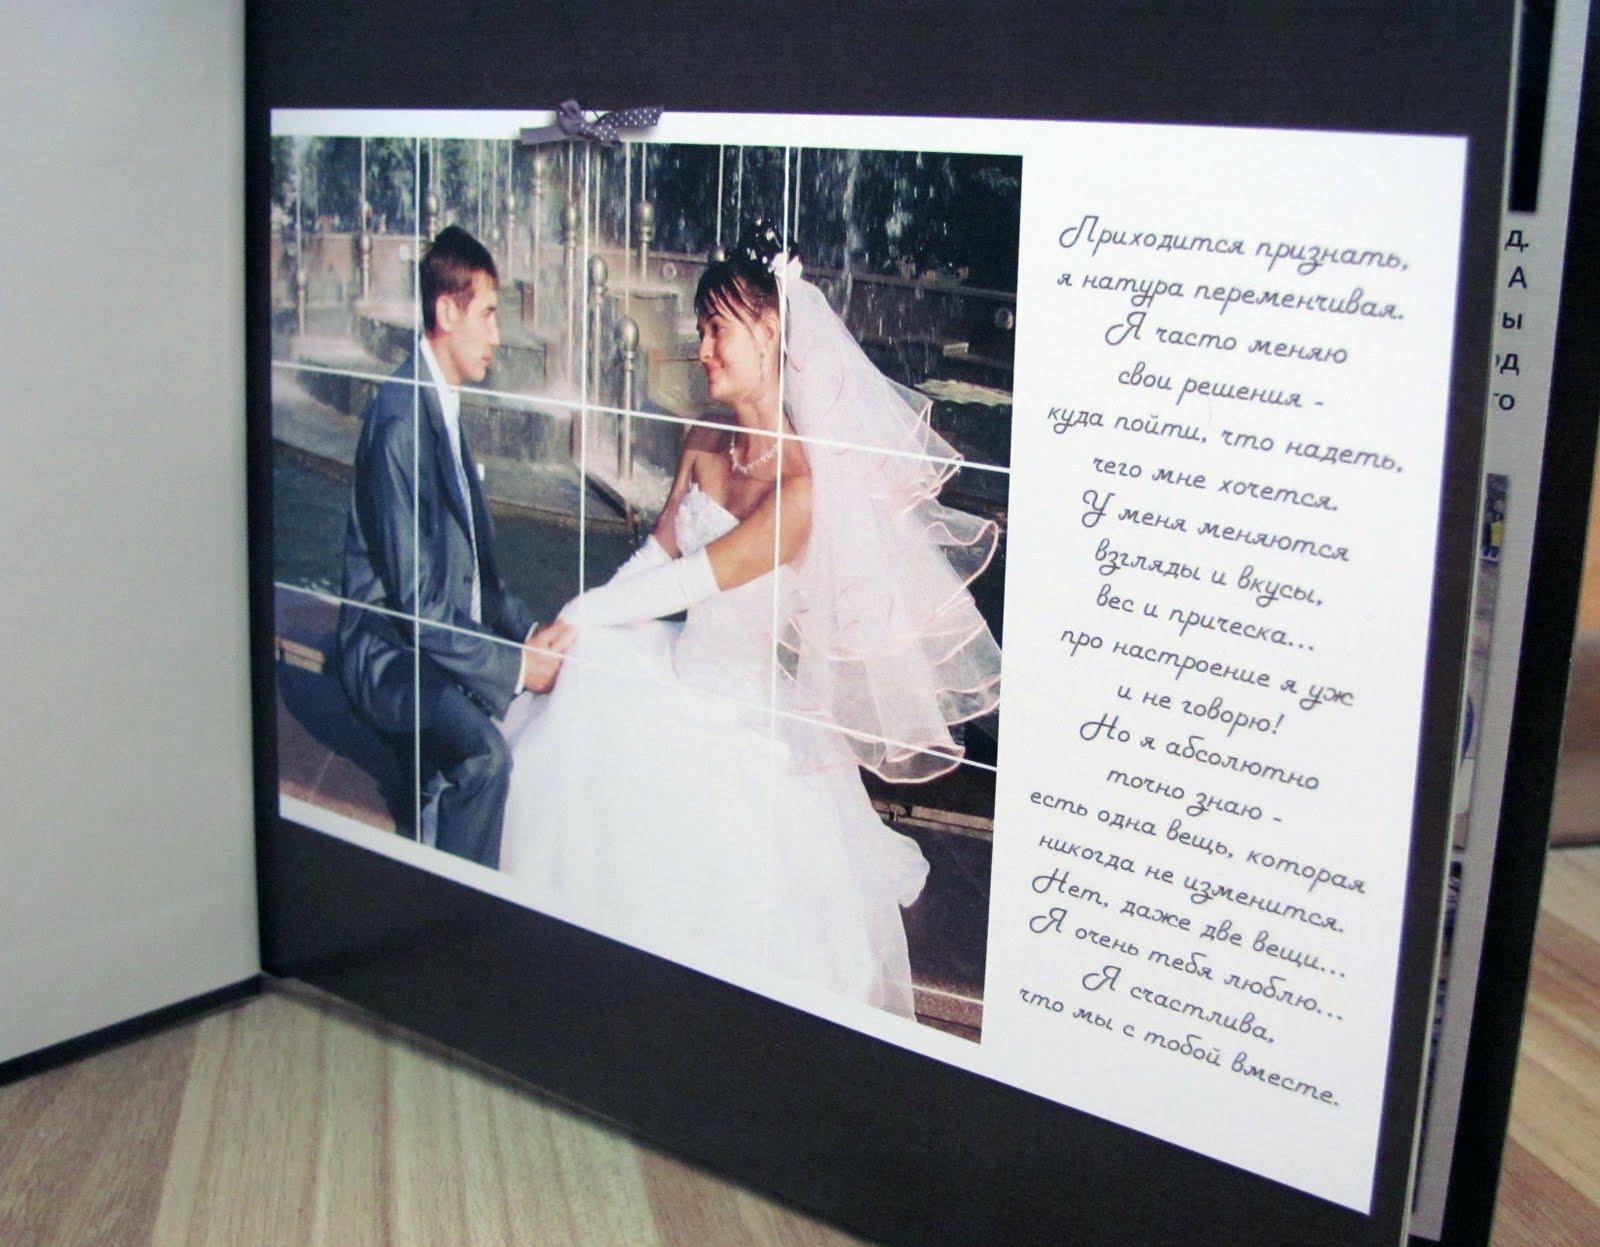 Подарок мужу на годовщину свадьбы своими руками из фото